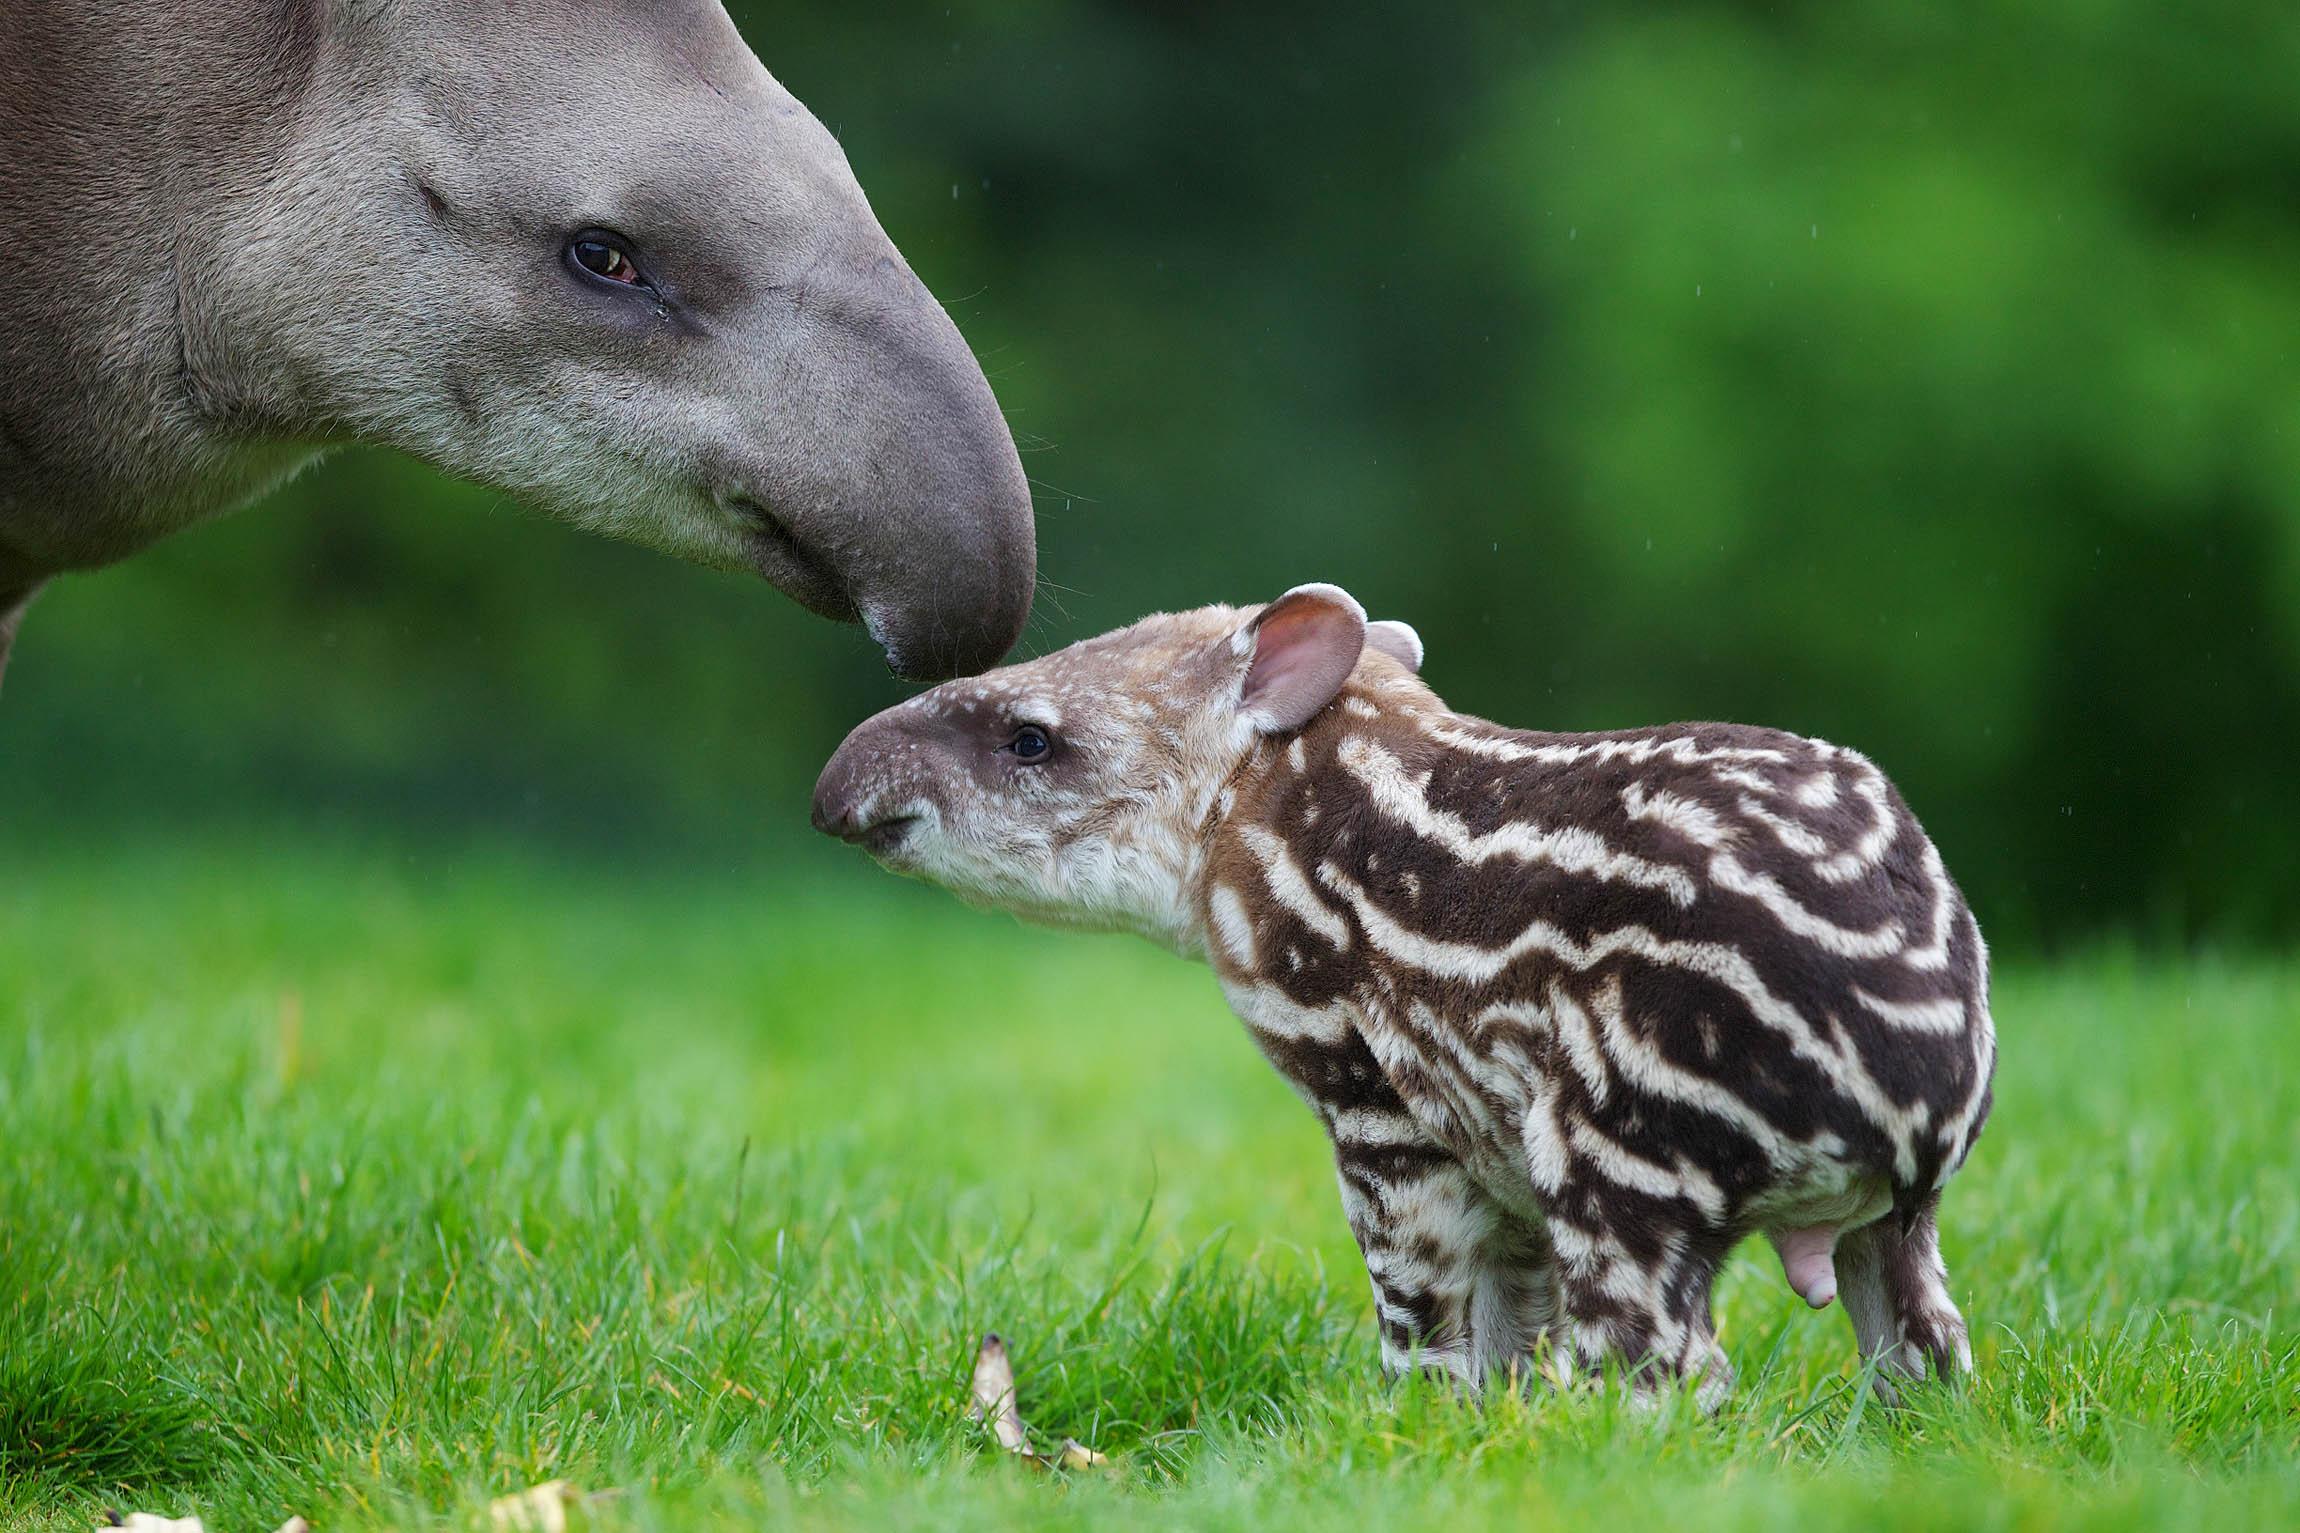 Tapir Background